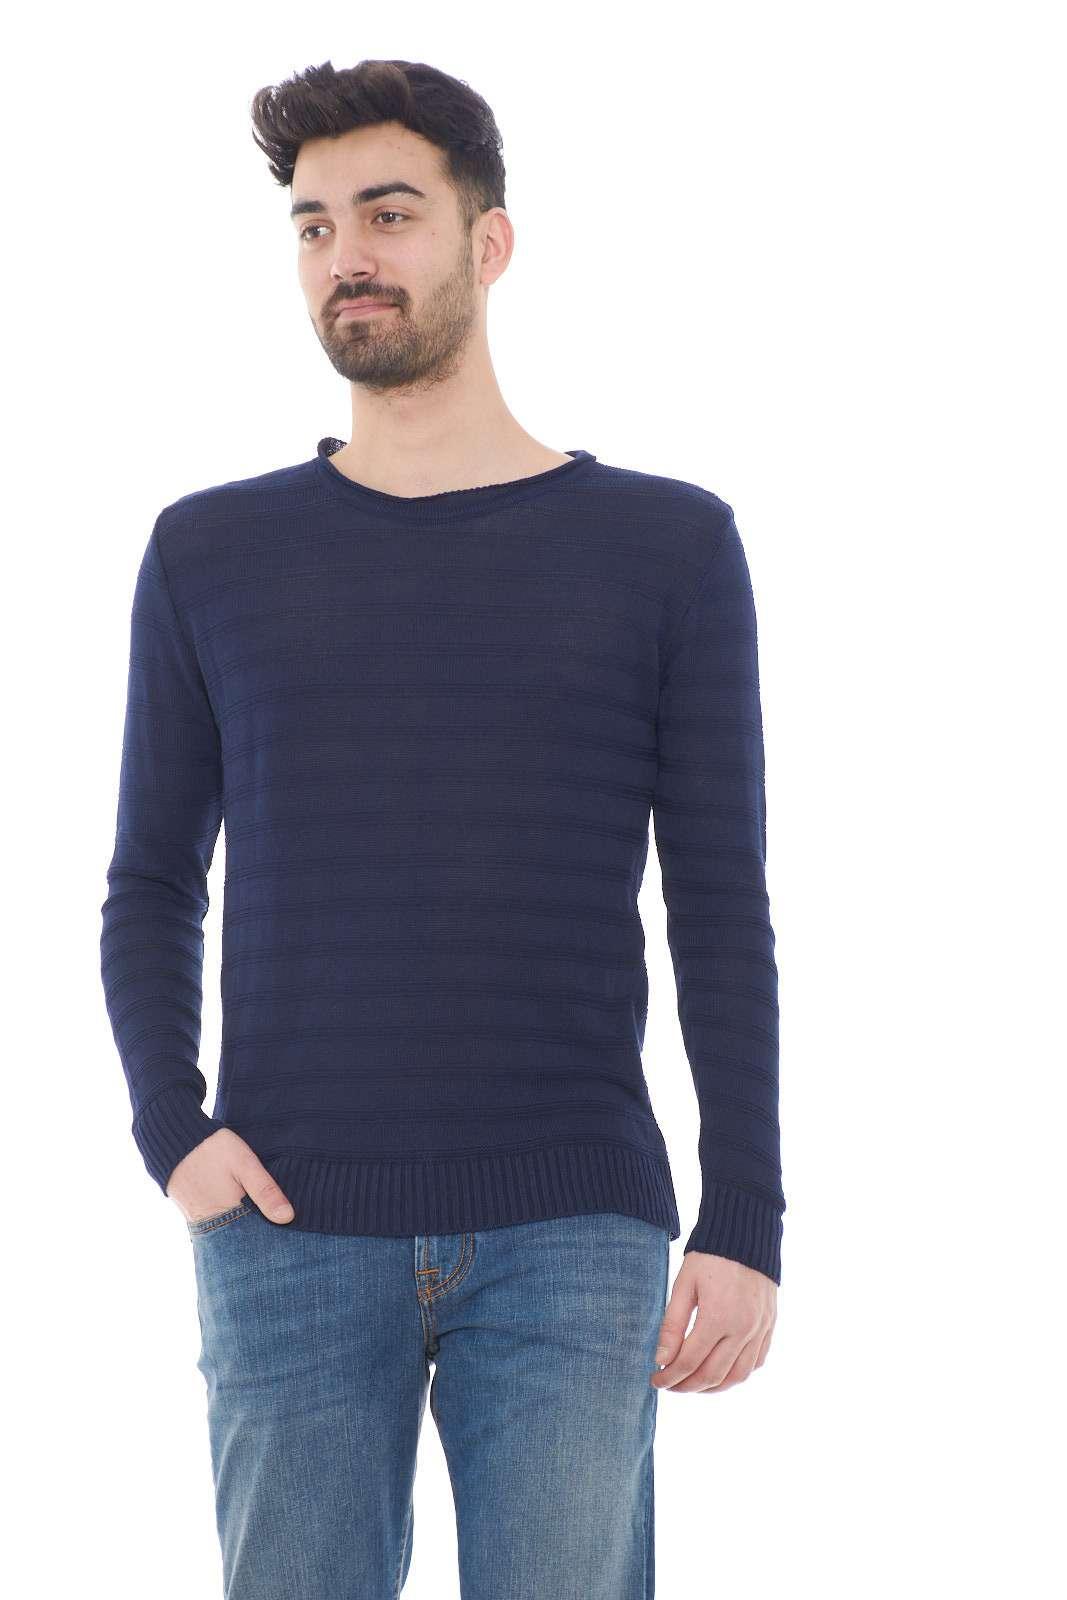 Una maglia con lavorazione rigata, quella firmata Adriano Langella. La fantasia rigata la rende più elegante dalle altre maglie. Da abbinare ad un jeans o un pantalone è un must have.